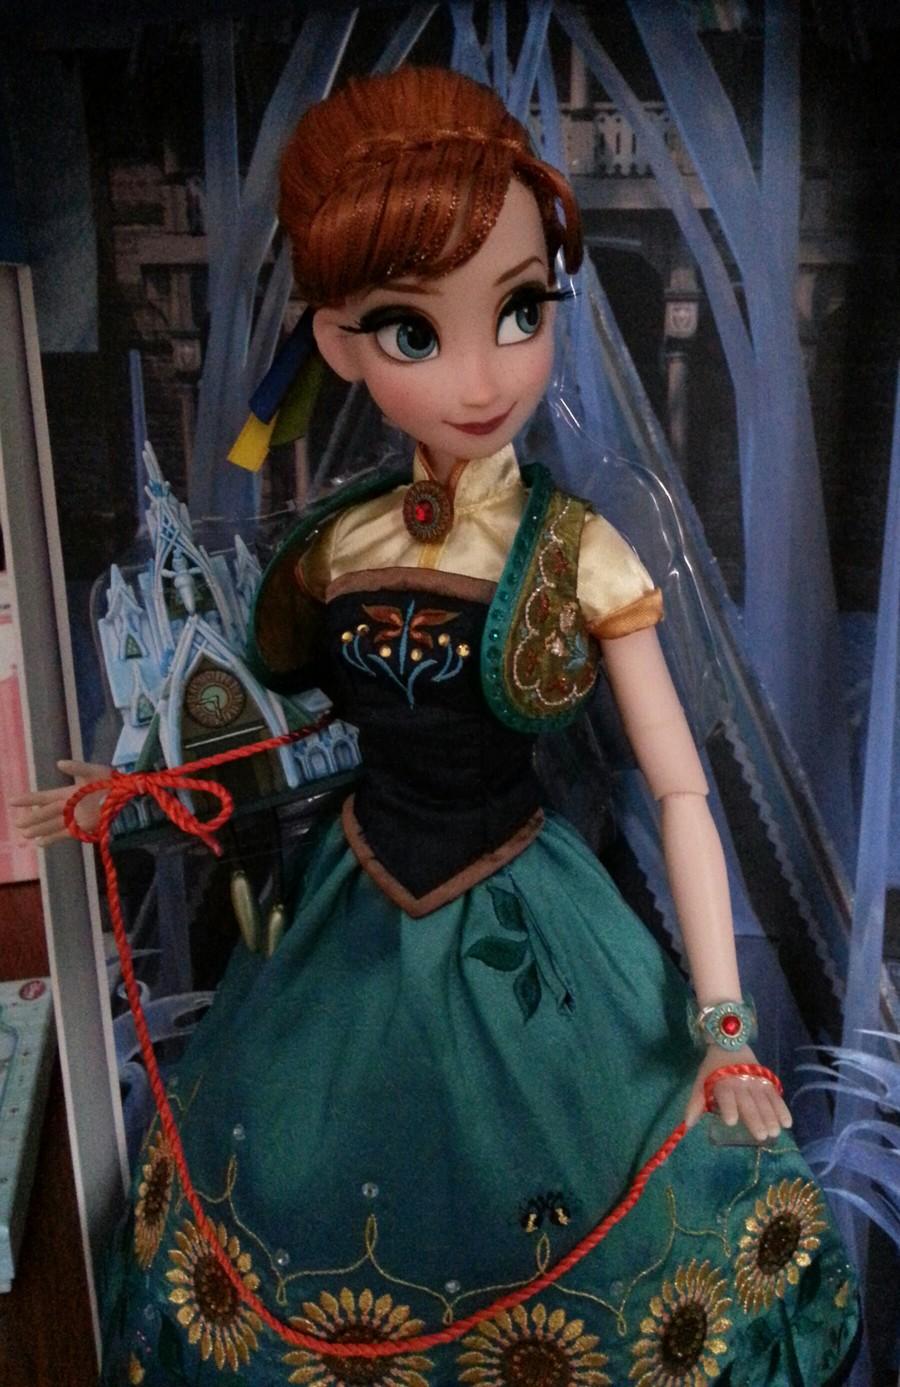 Disney Store Poupées Limited Edition 17'' (depuis 2009) - Page 38 151107024816855491